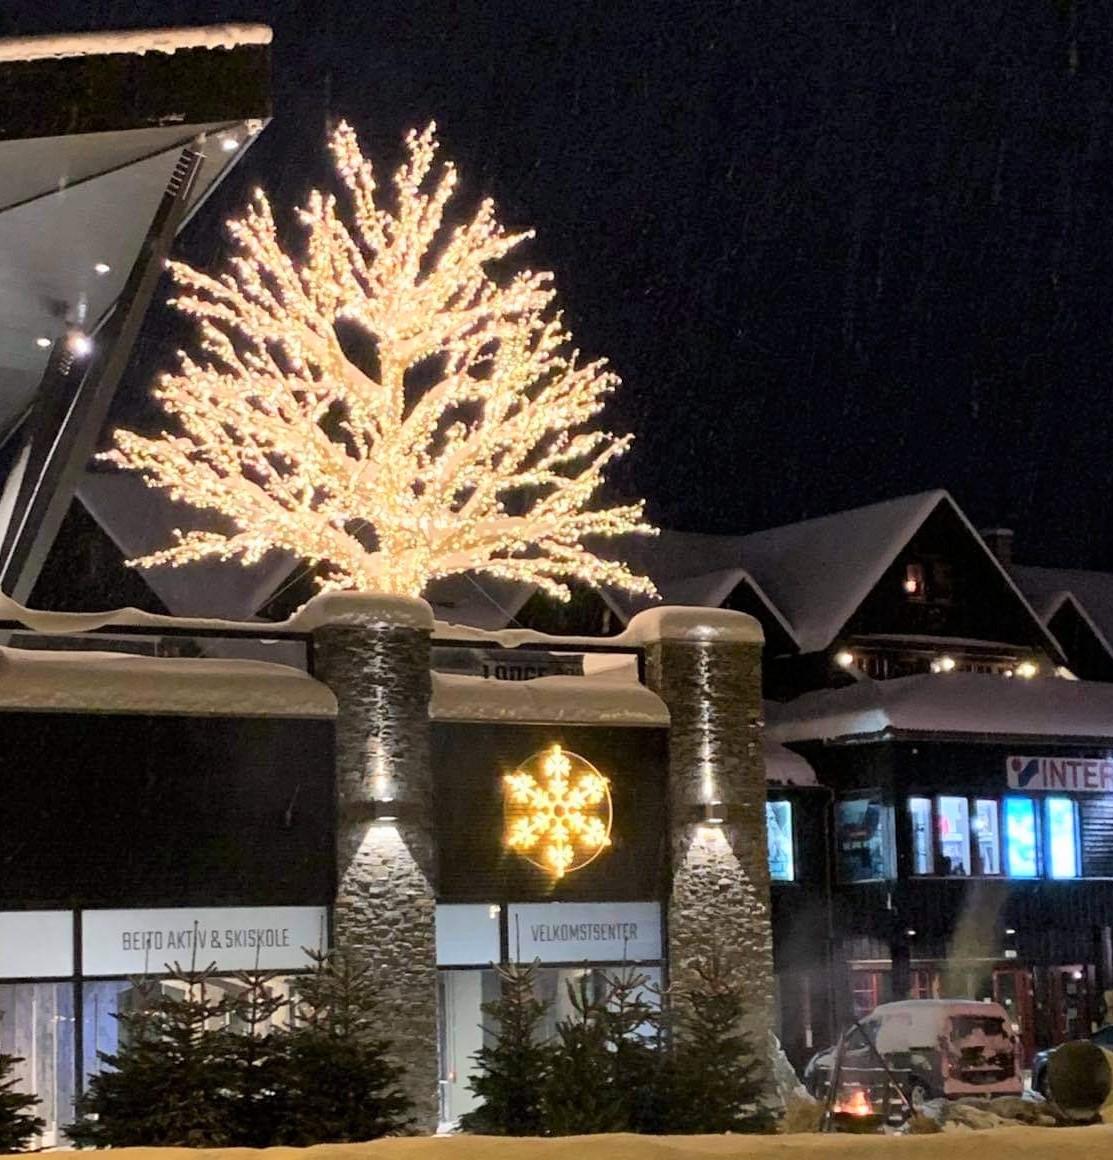 Flere lysskulpturer lyste vakkert opp i fjellandsbyen Beitostløen